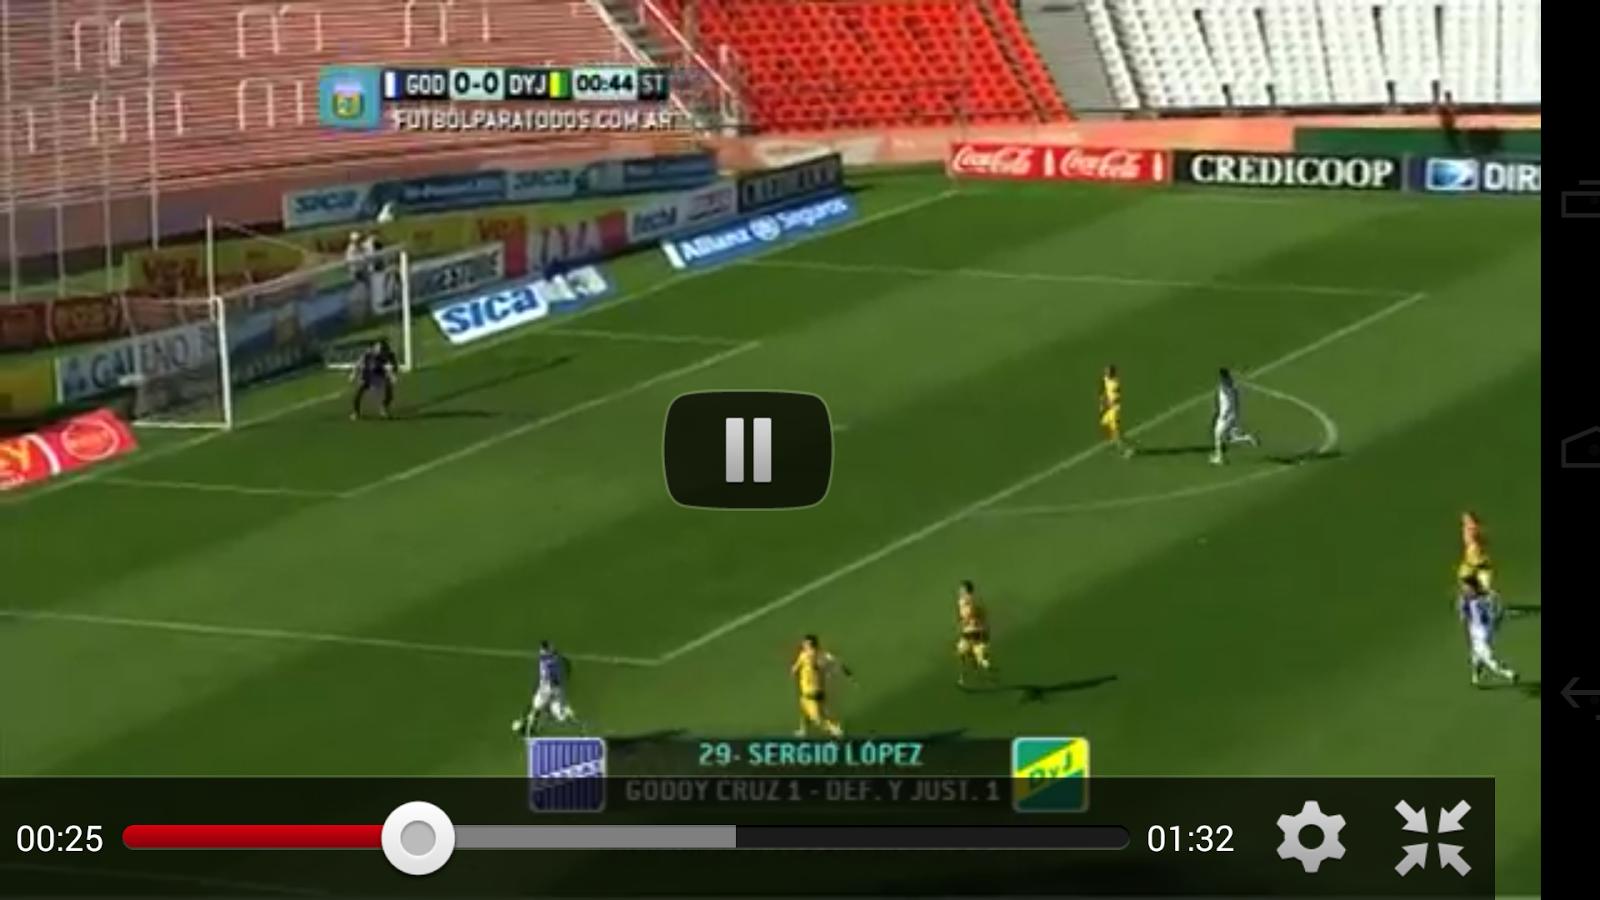 Liga Argentina de Fútbol - screenshot